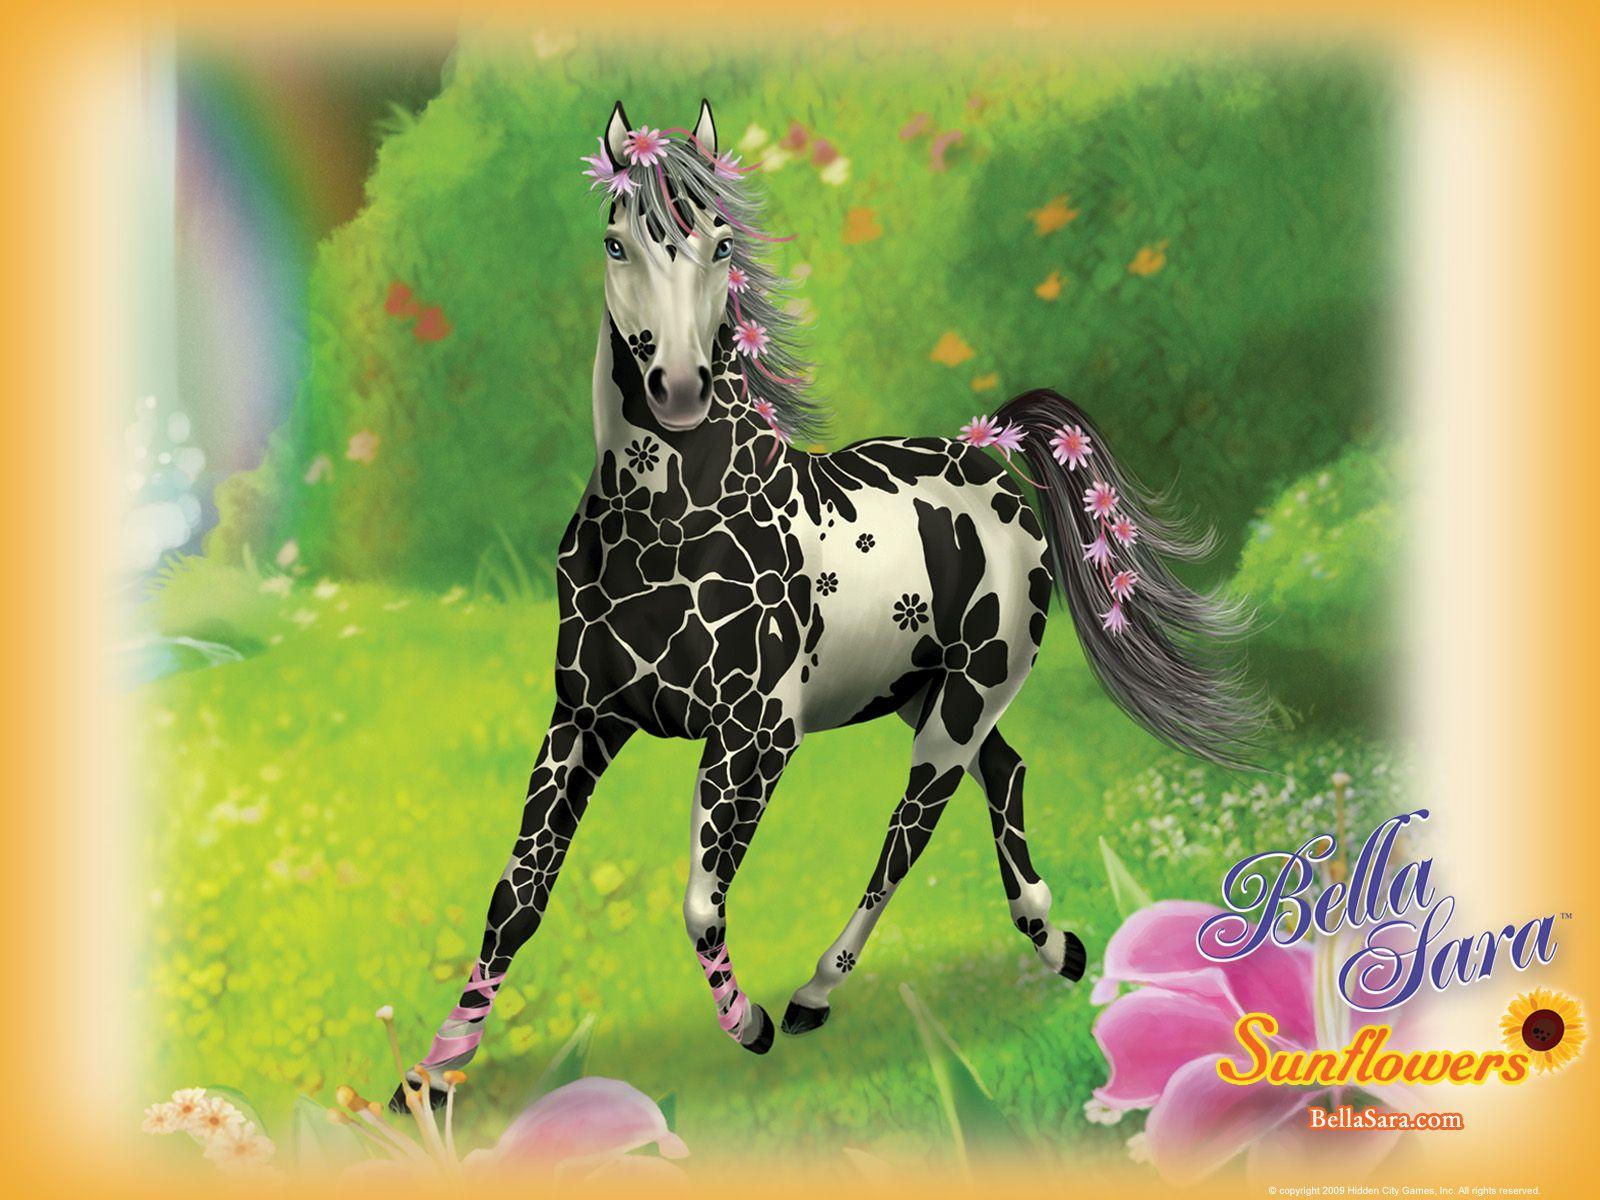 Wp Snfl Flora En Jpg 1600 1200 Magical Horses Fantasy Horses Magical Horse Art [ 1200 x 1600 Pixel ]